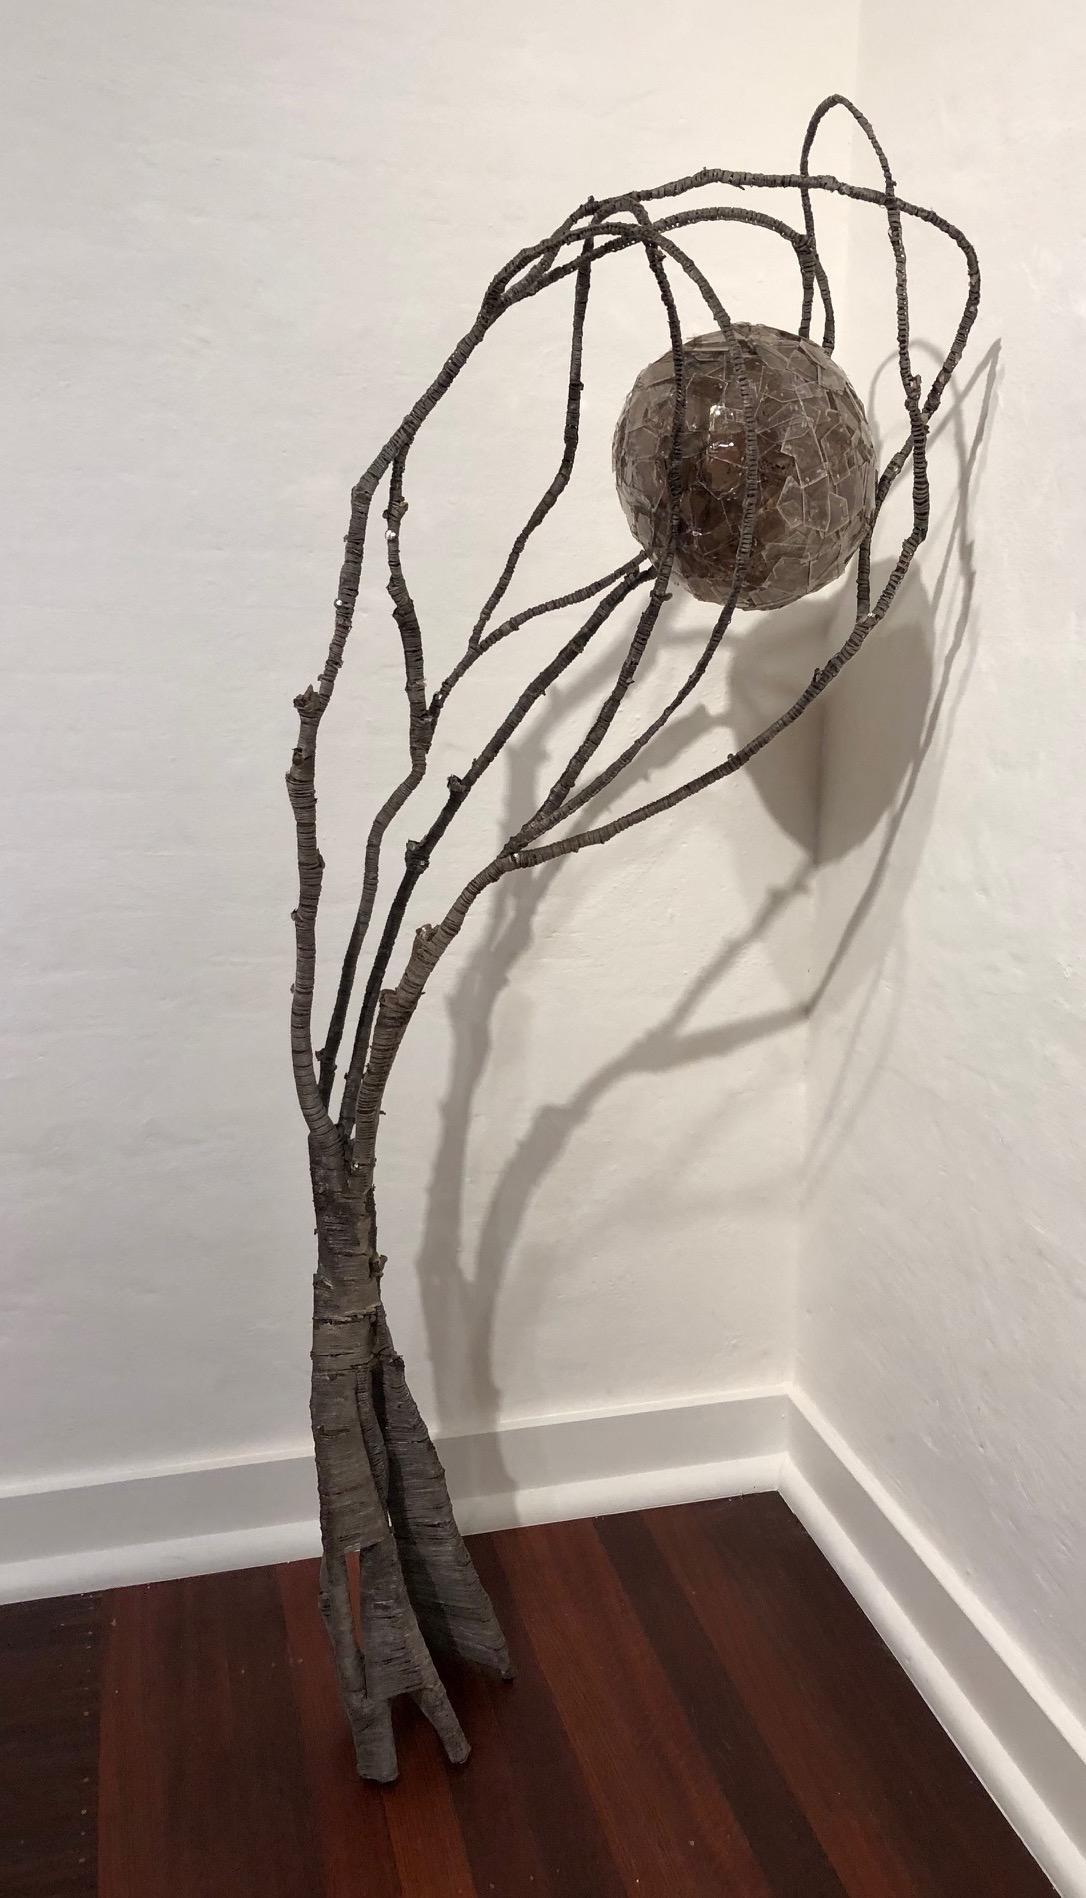 sculpture, sculpture exhibition